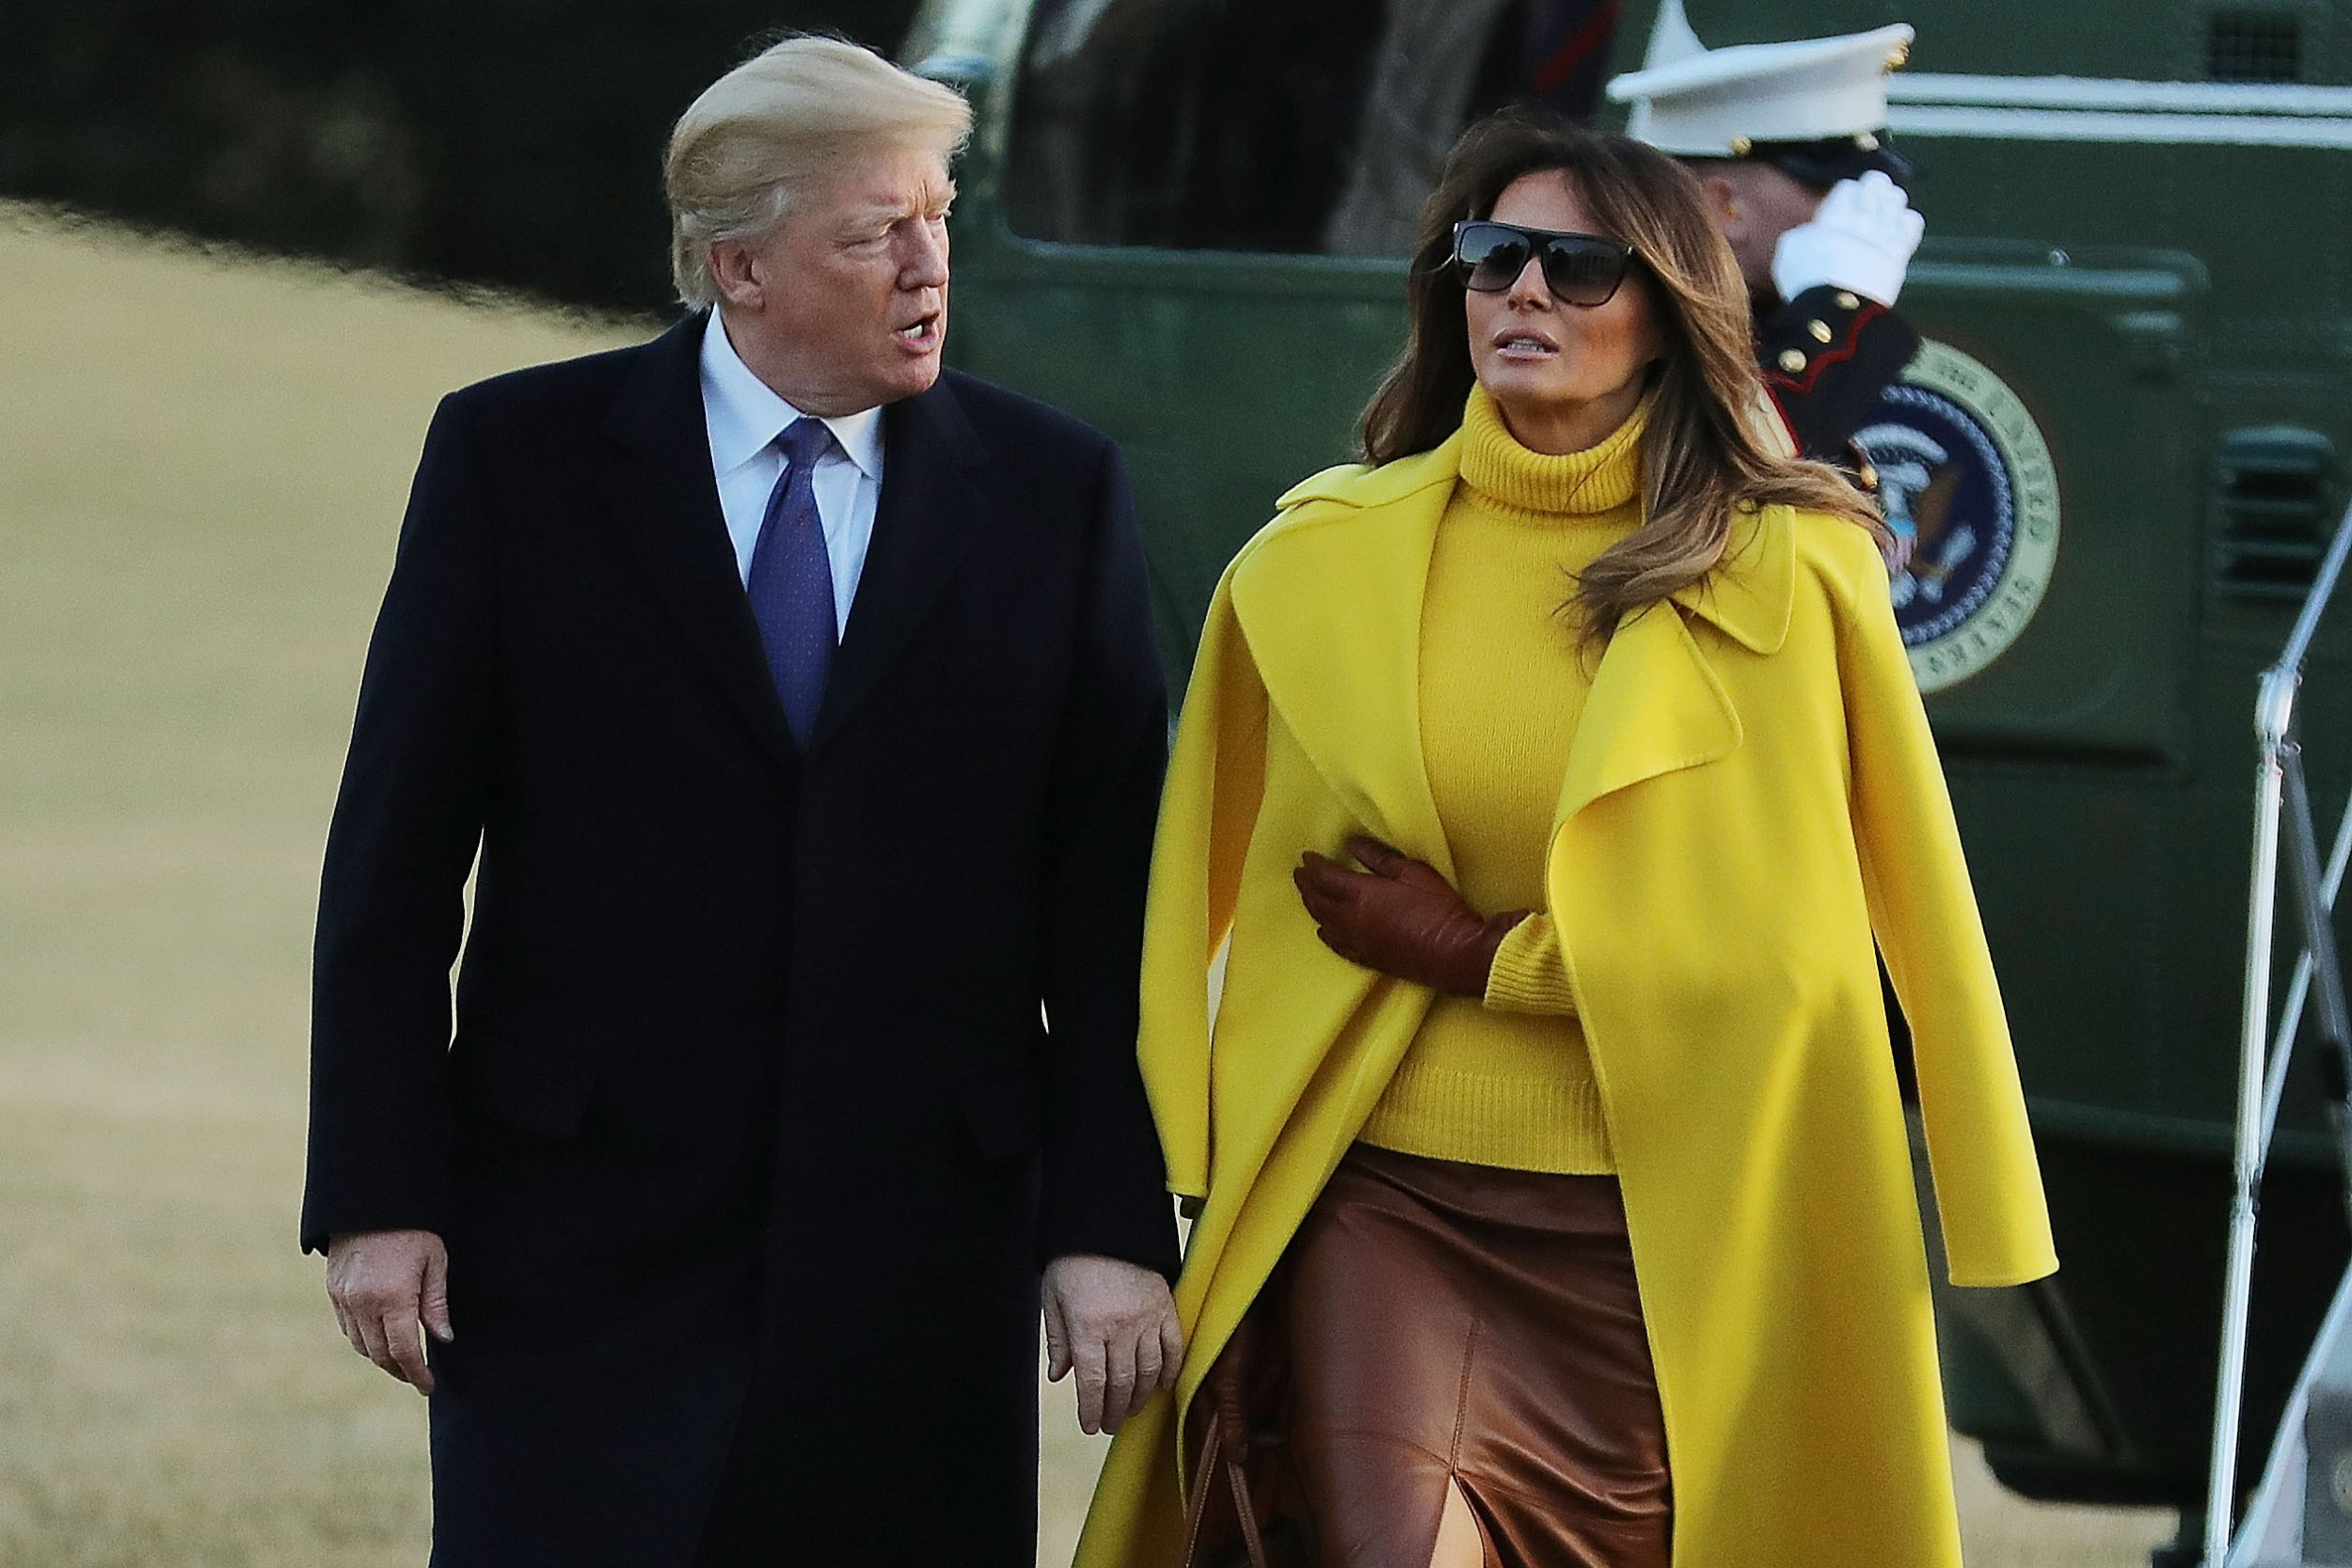 Melania-Trump-Stormy-Daniels